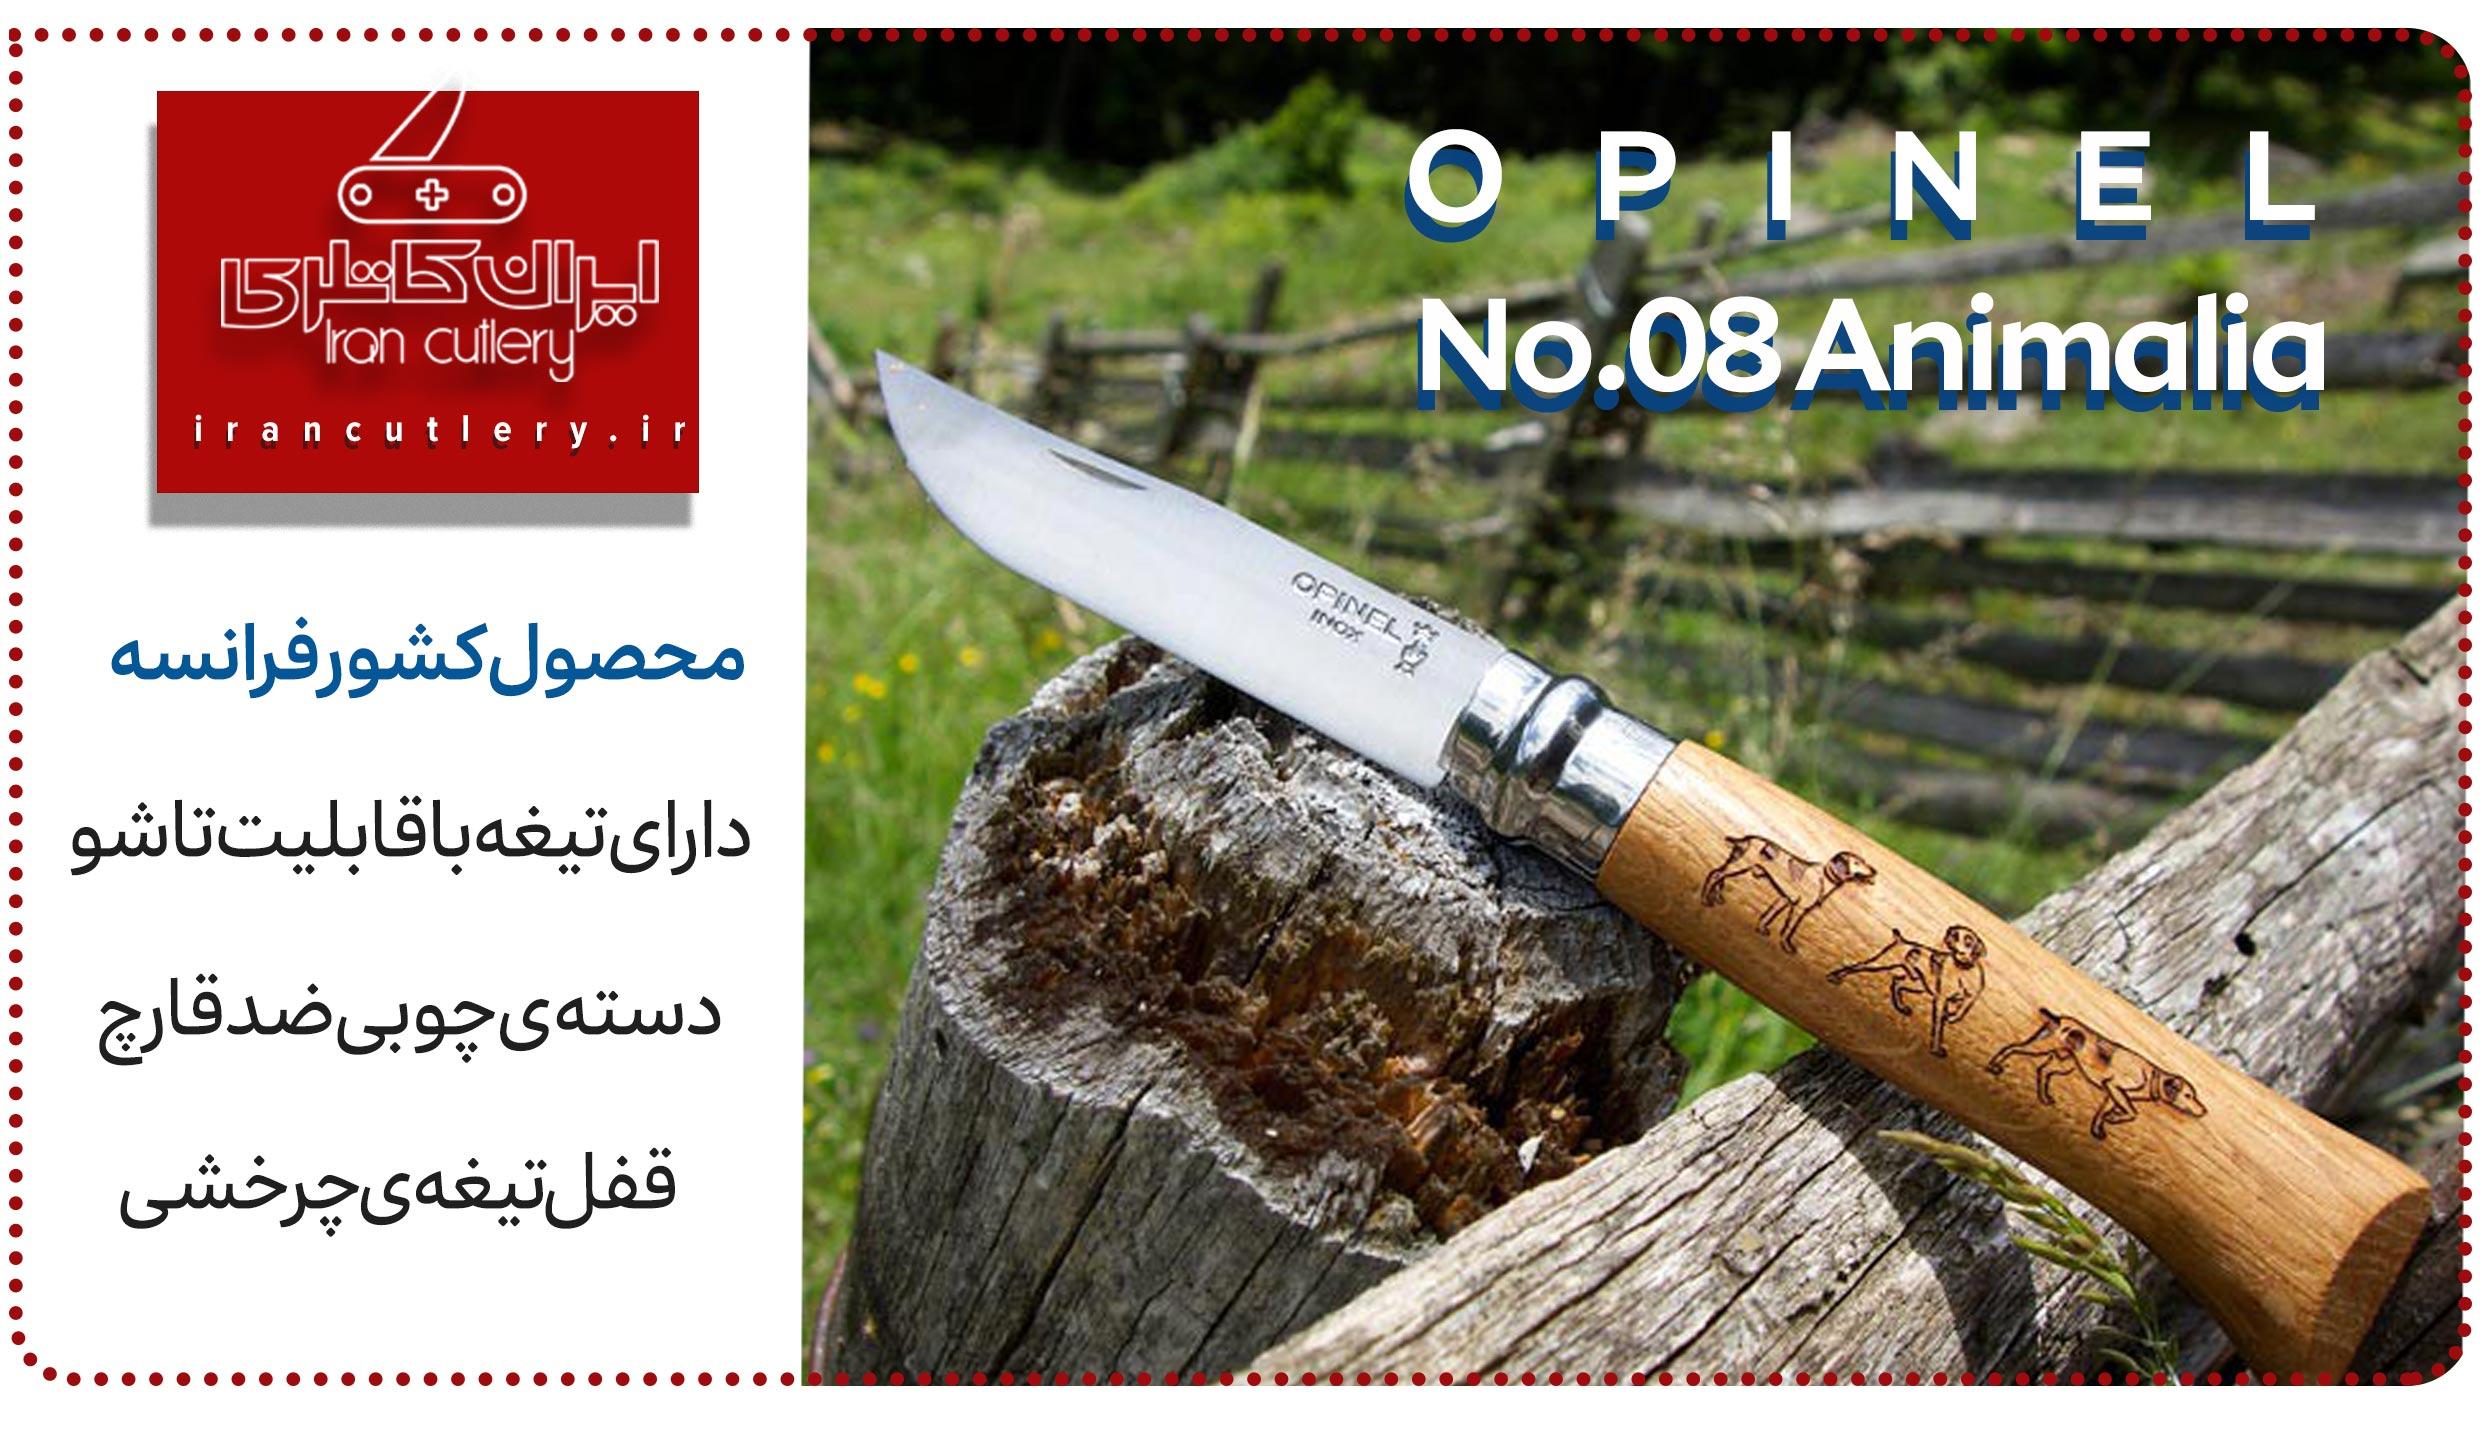 چاقوی فرانسوی اوپینل